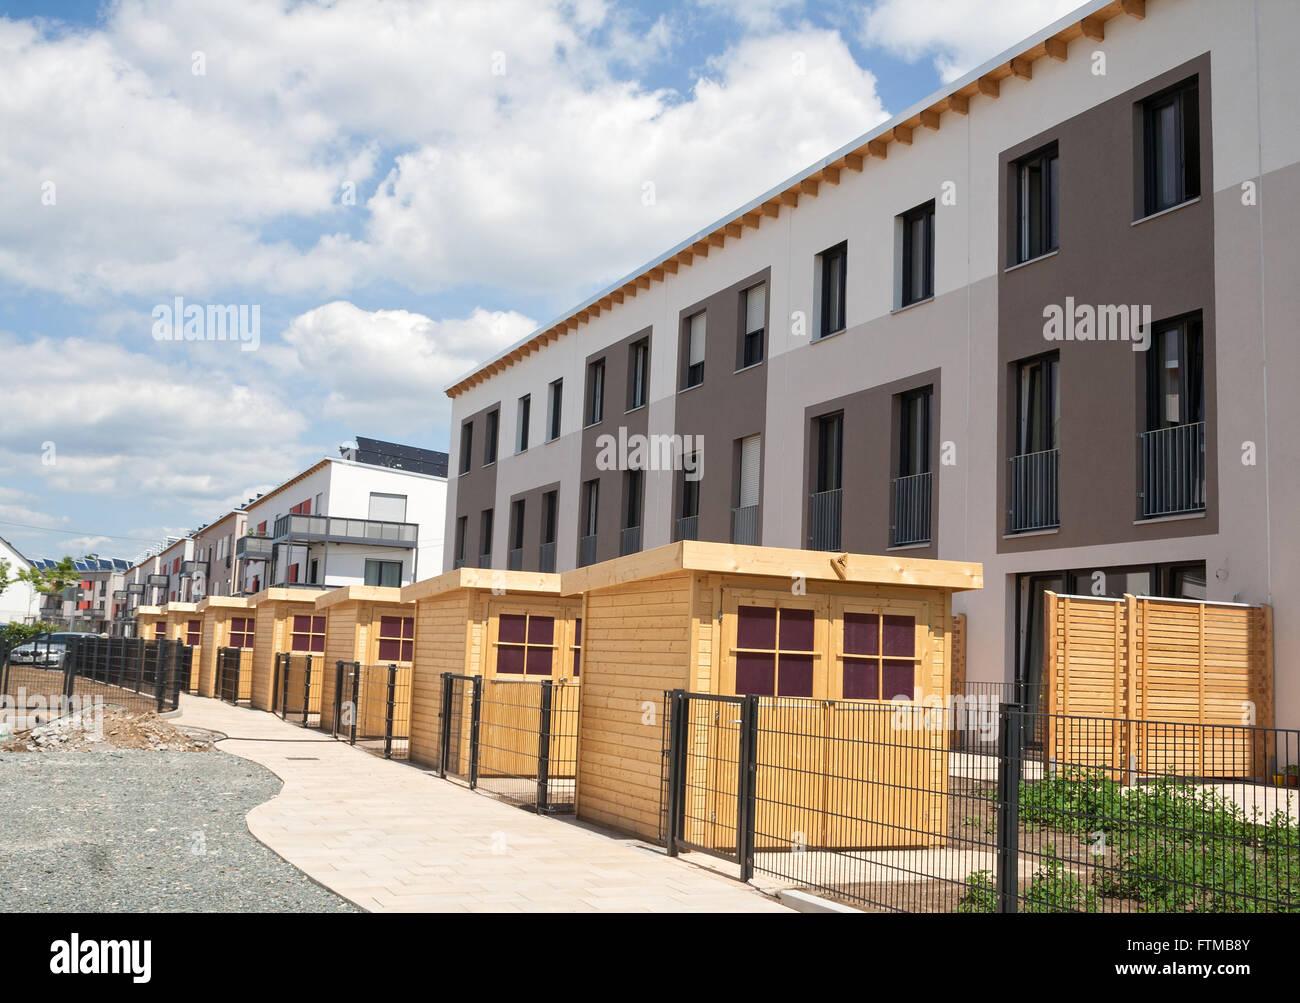 Nouveau lotissement avec maisons de jardin Photo Stock